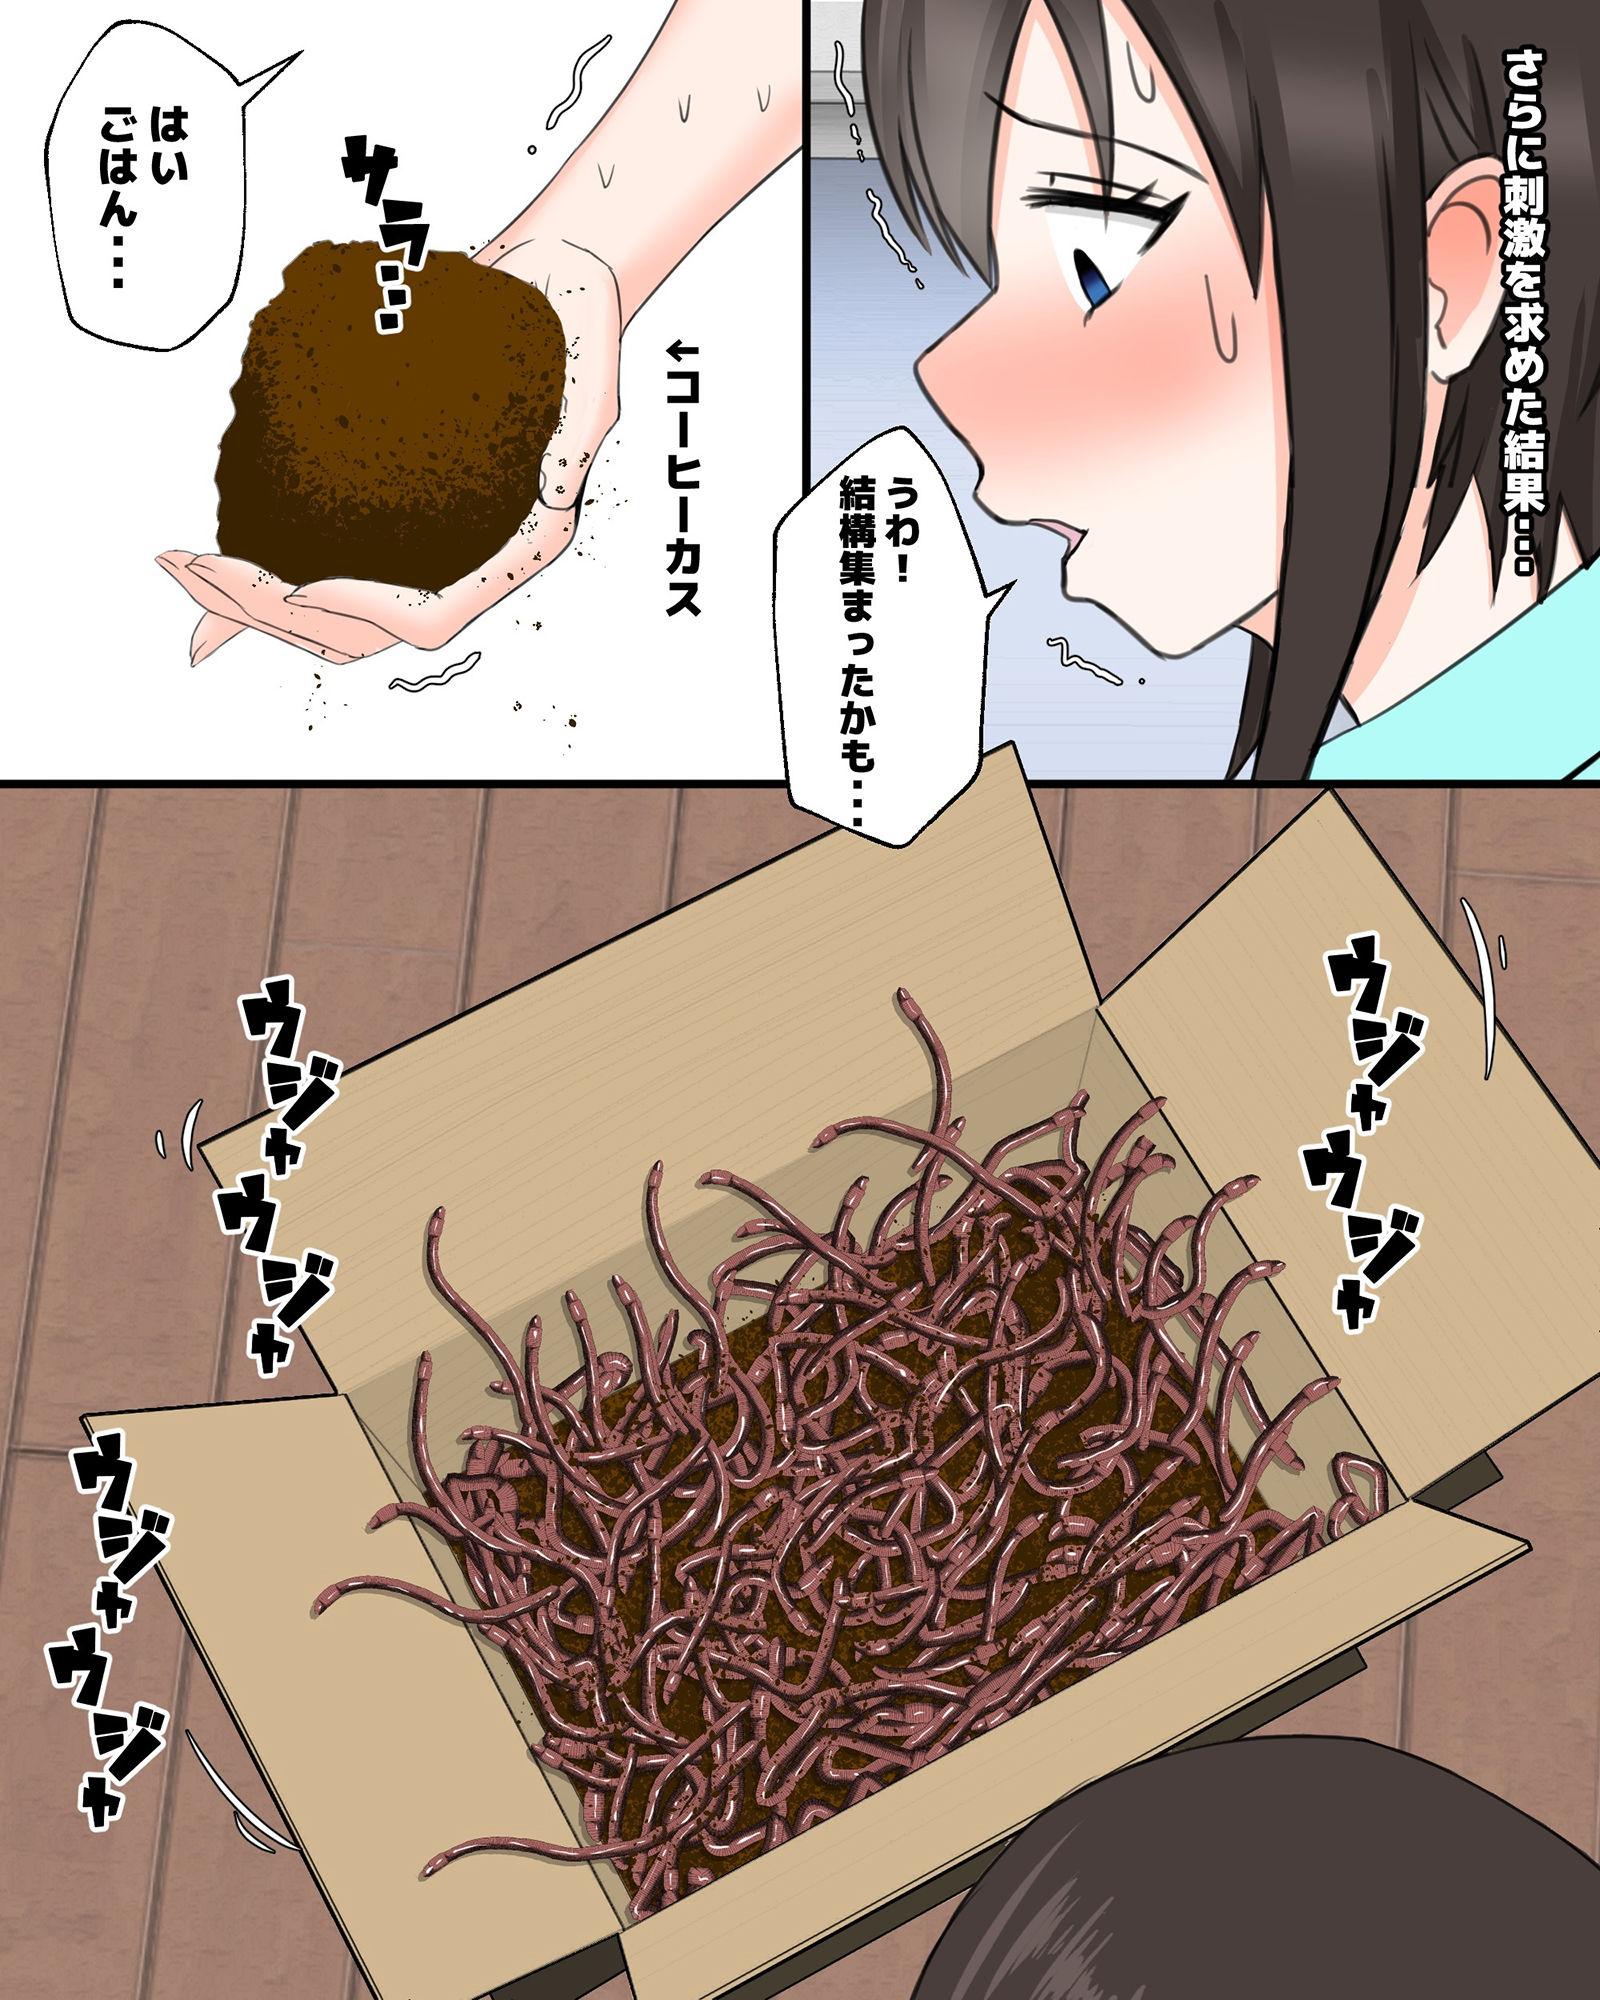 蟲撫~ミミズ編~